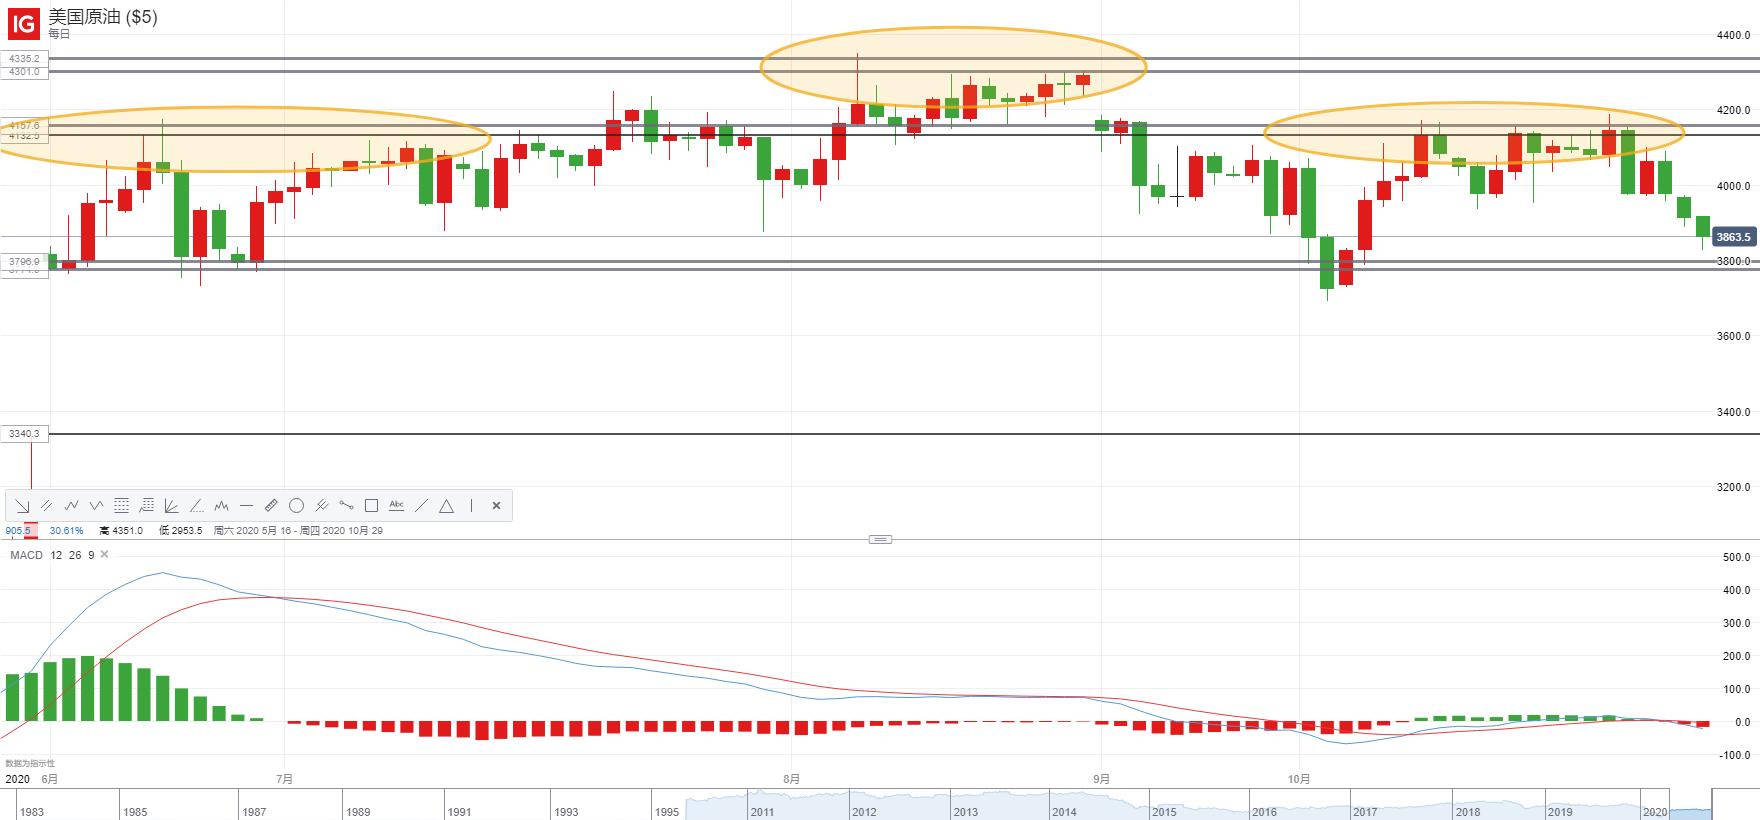 市场悄然生变!VIX创一个半月新高、美股下跌,原油恐慌性抛售会再现吗?